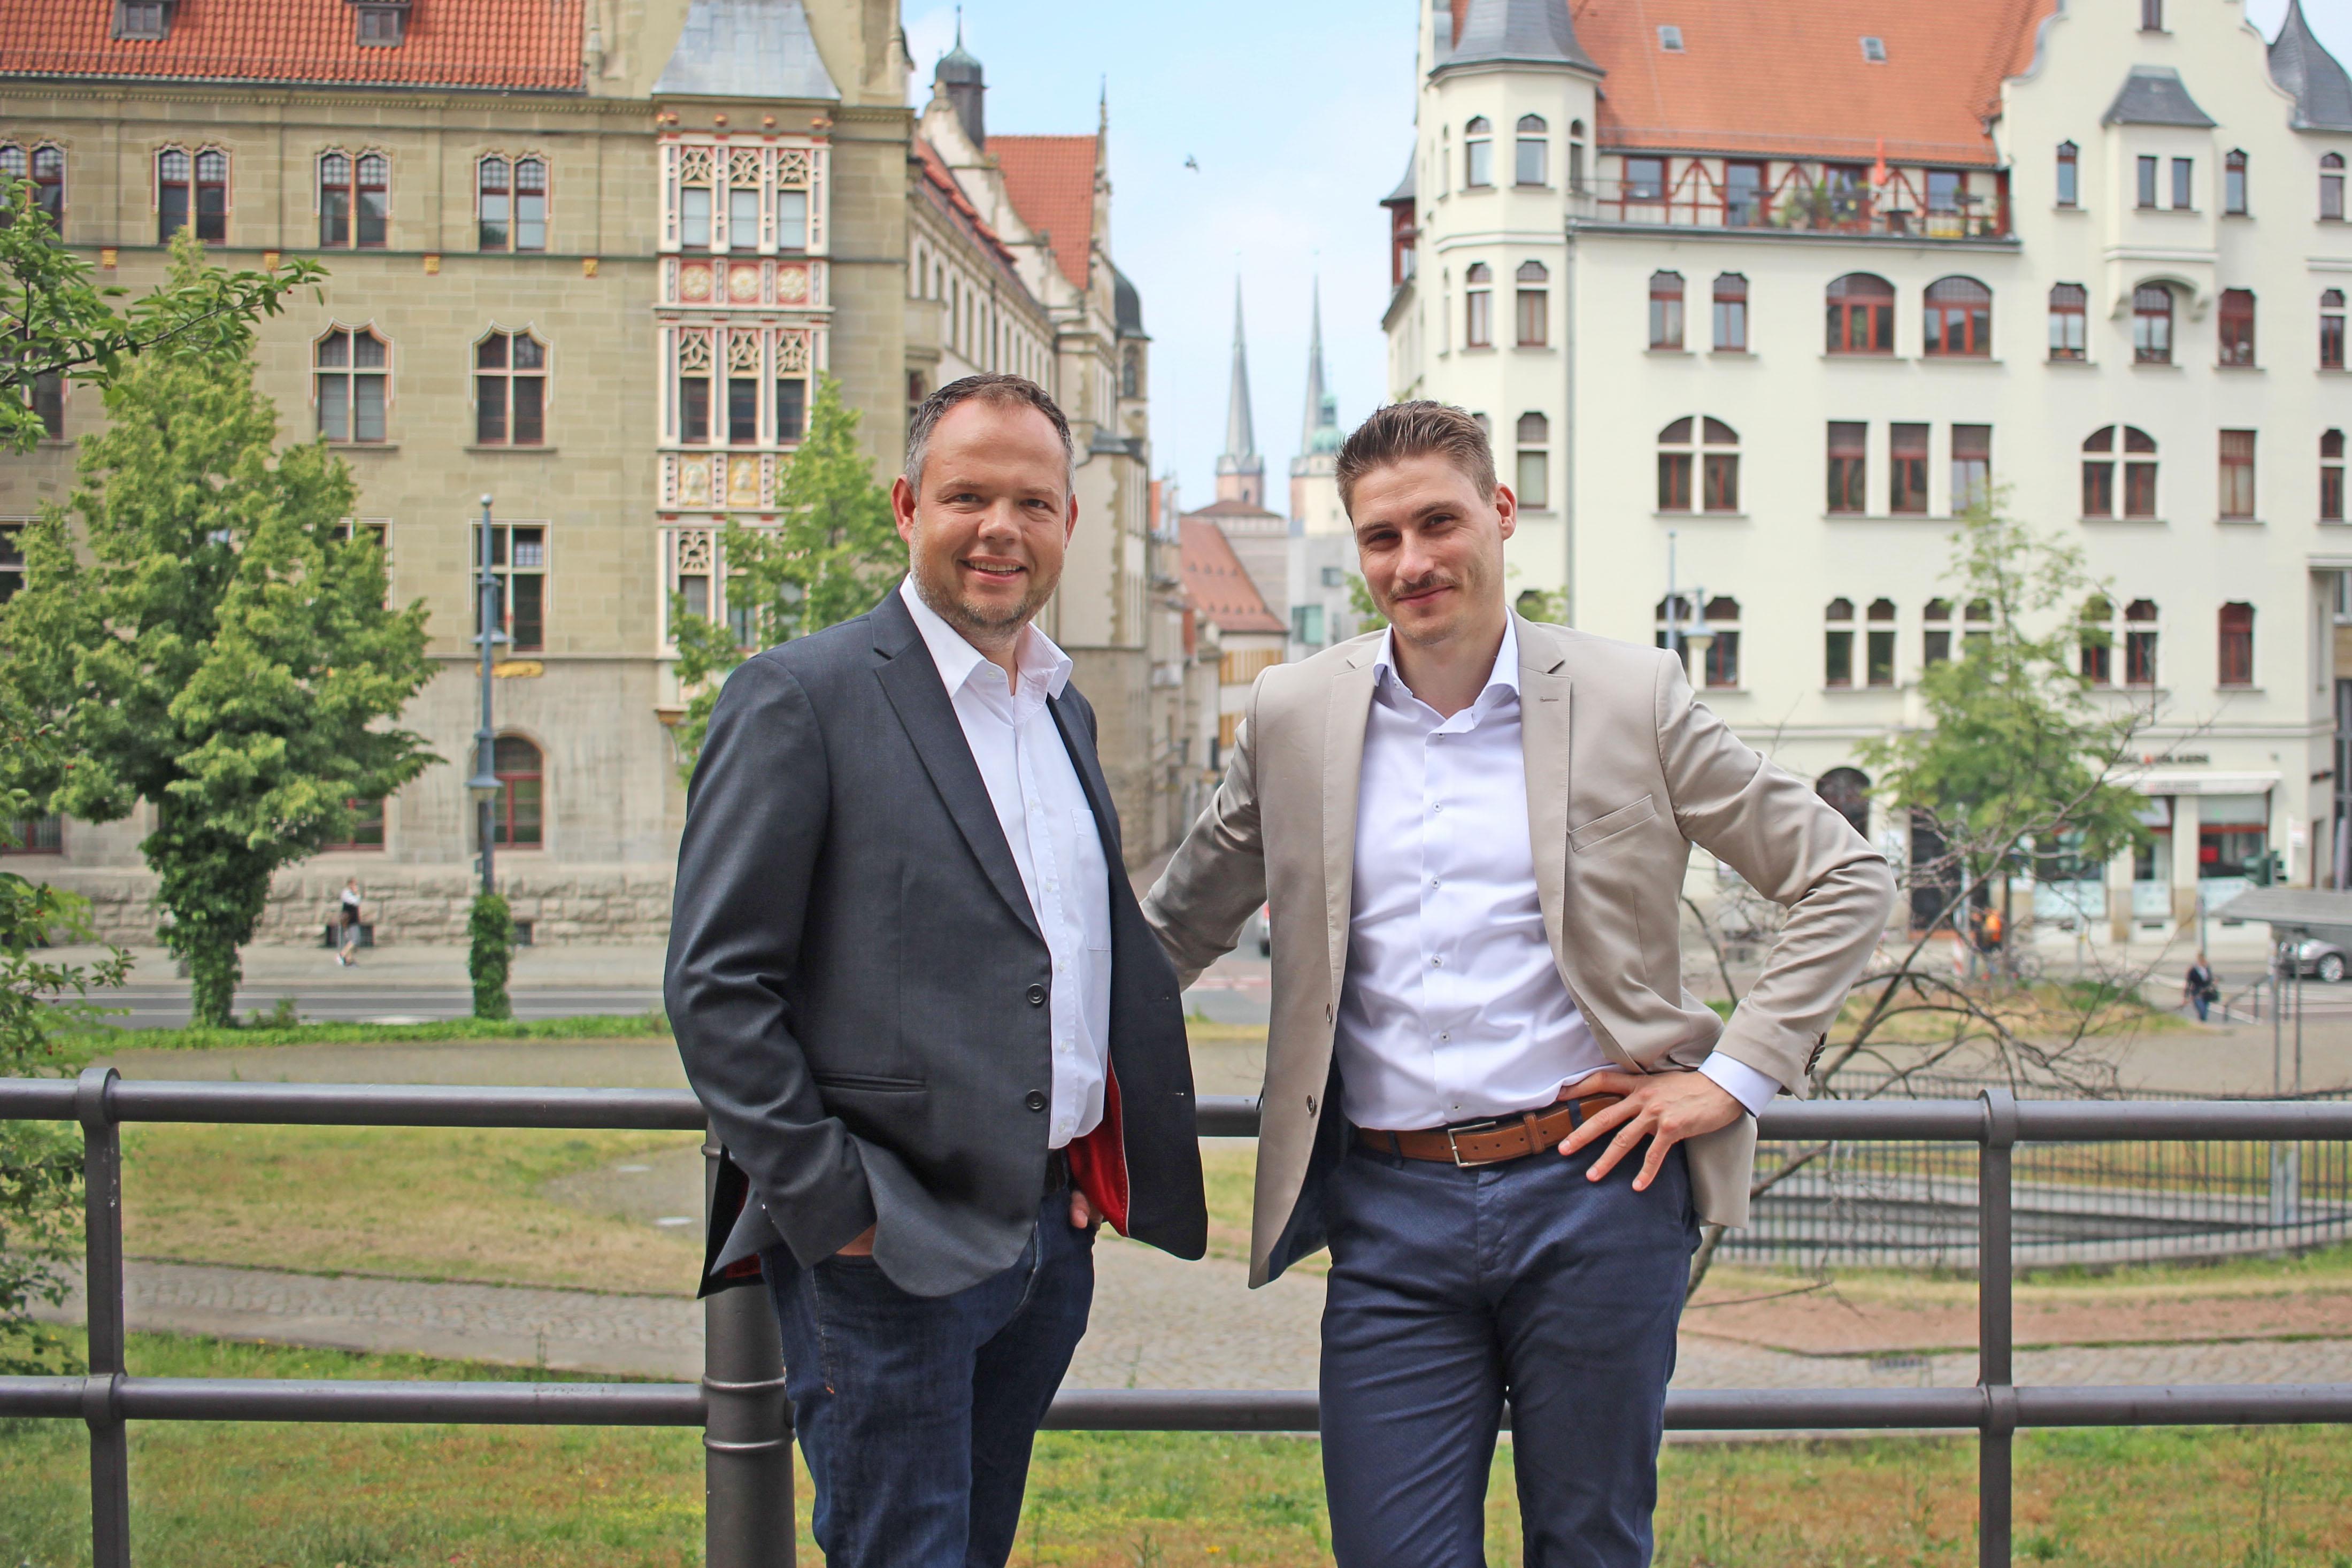 Herholdt und Sporbert | HS Immobilienberatung | Filialen in Merseburg, Leipzig und Mansfeld